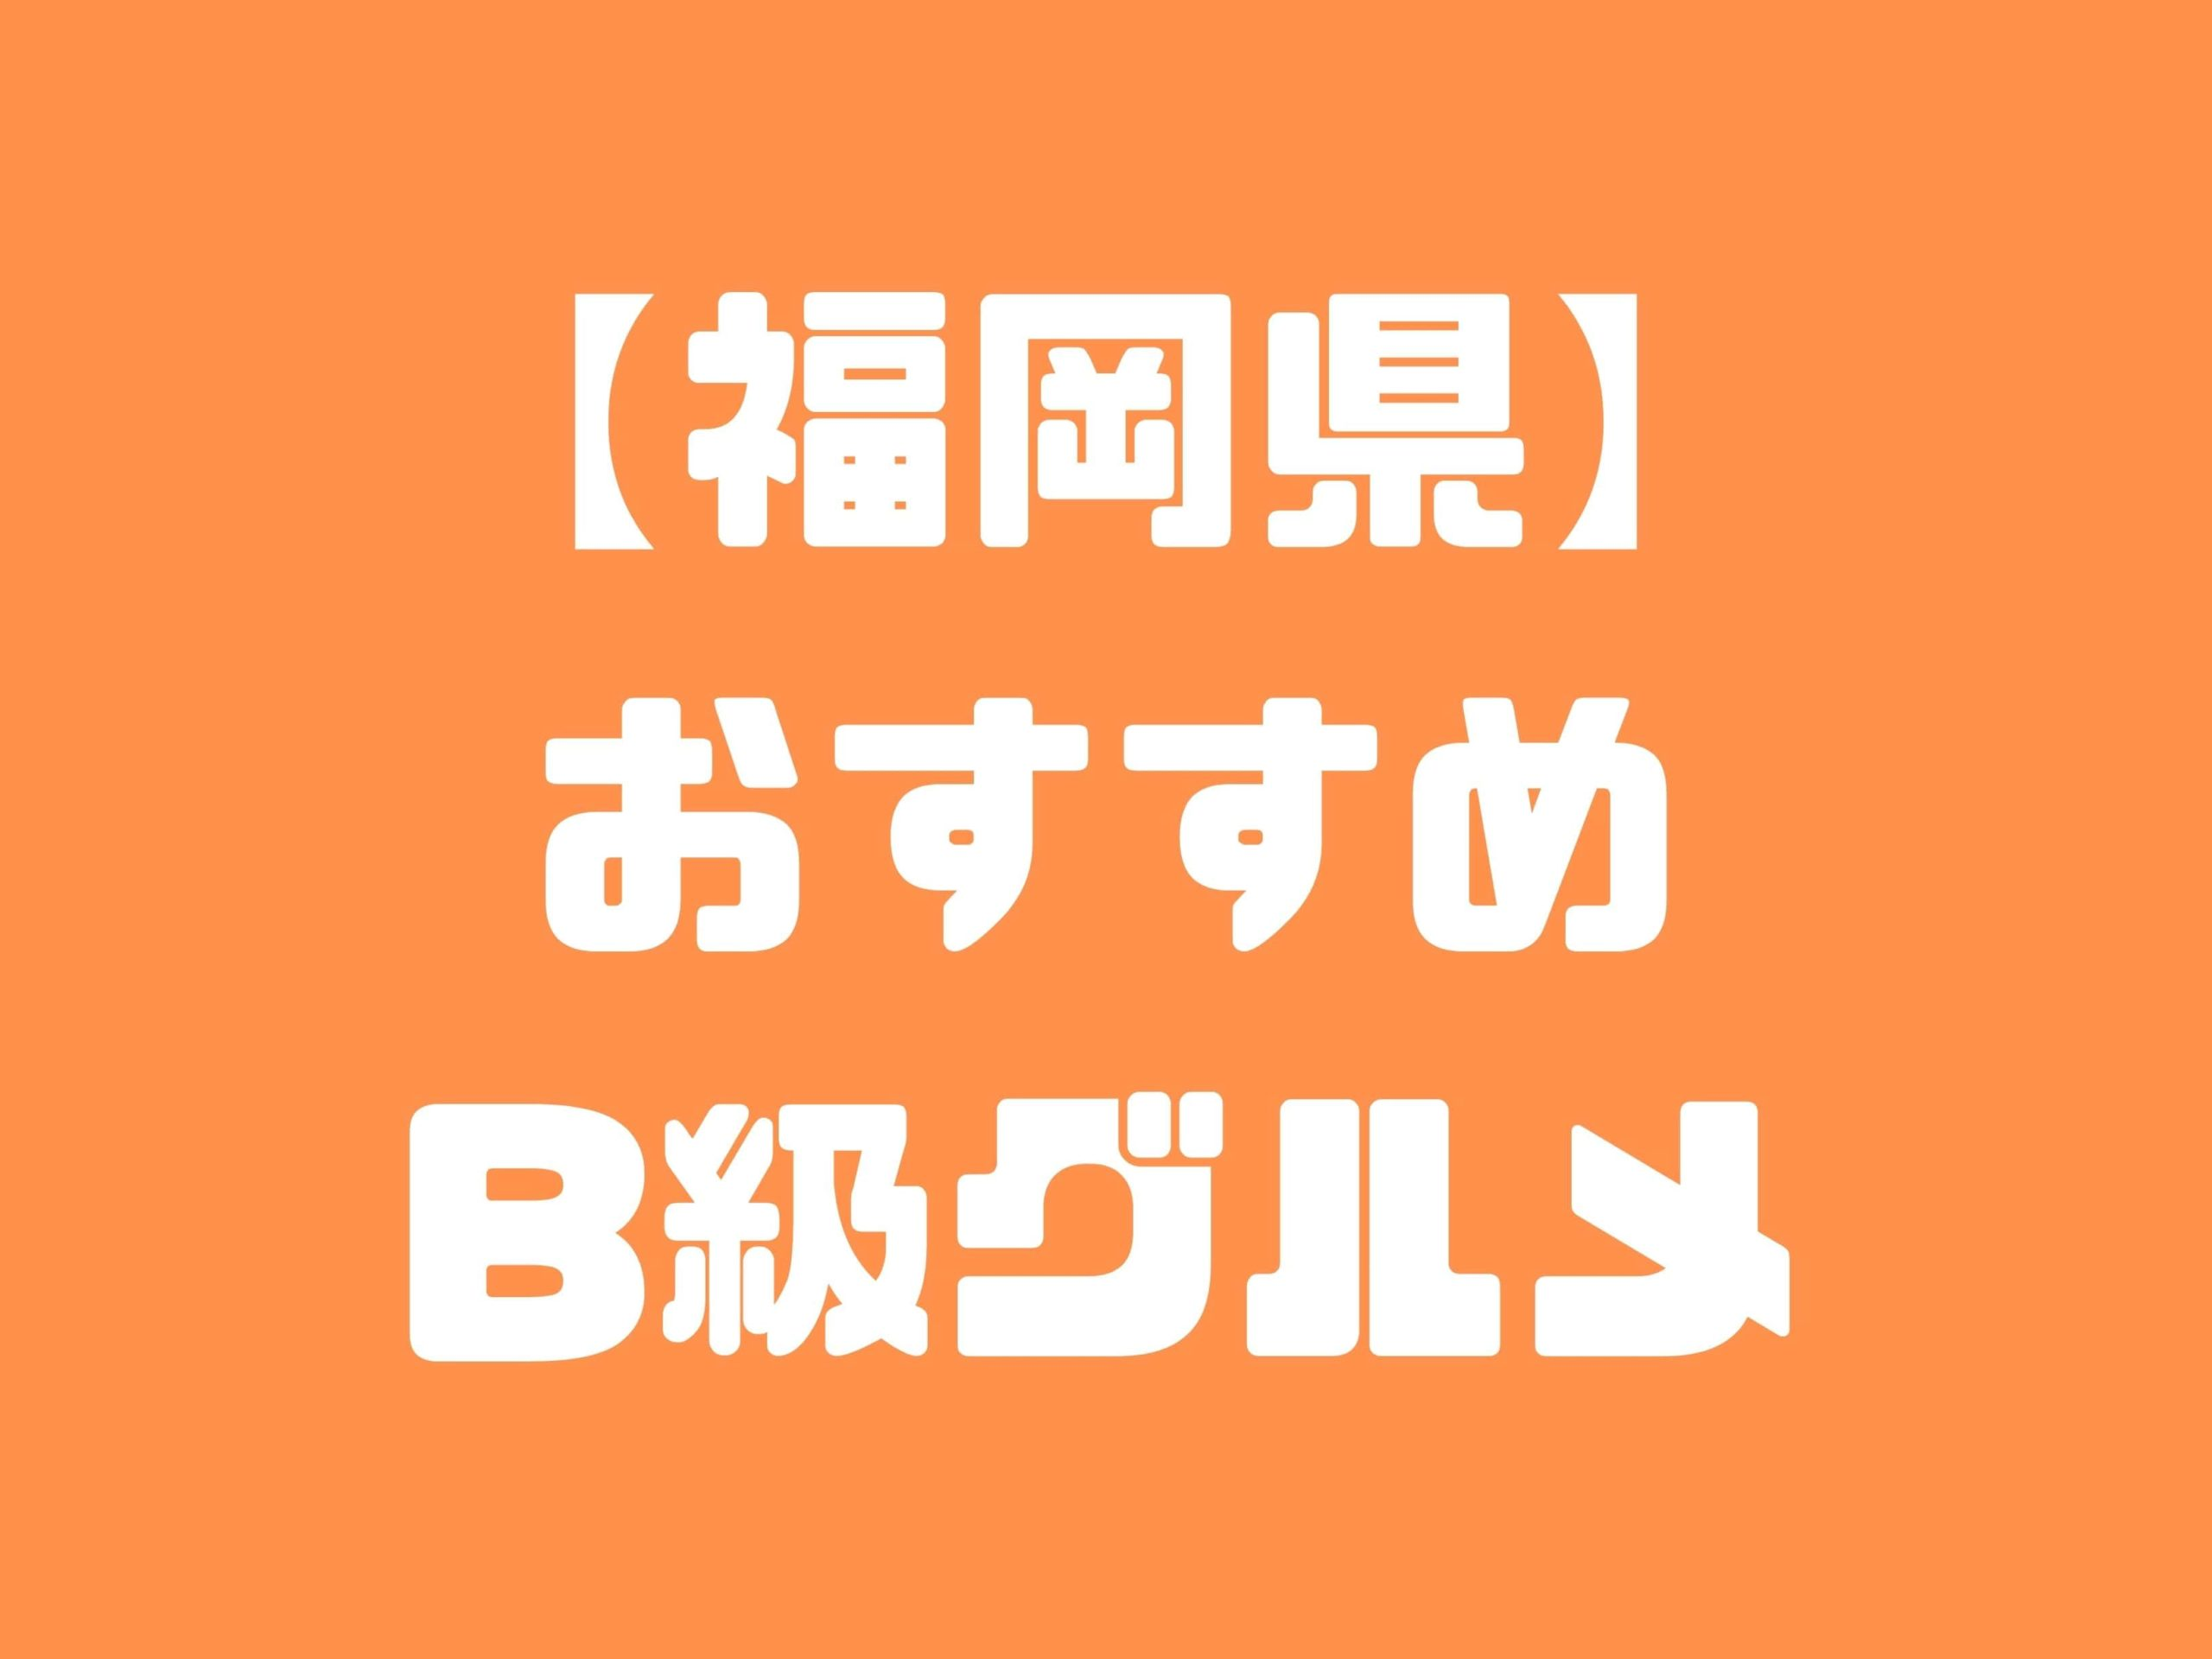 【福岡県版】秘密のケンミンSHOWまとめ